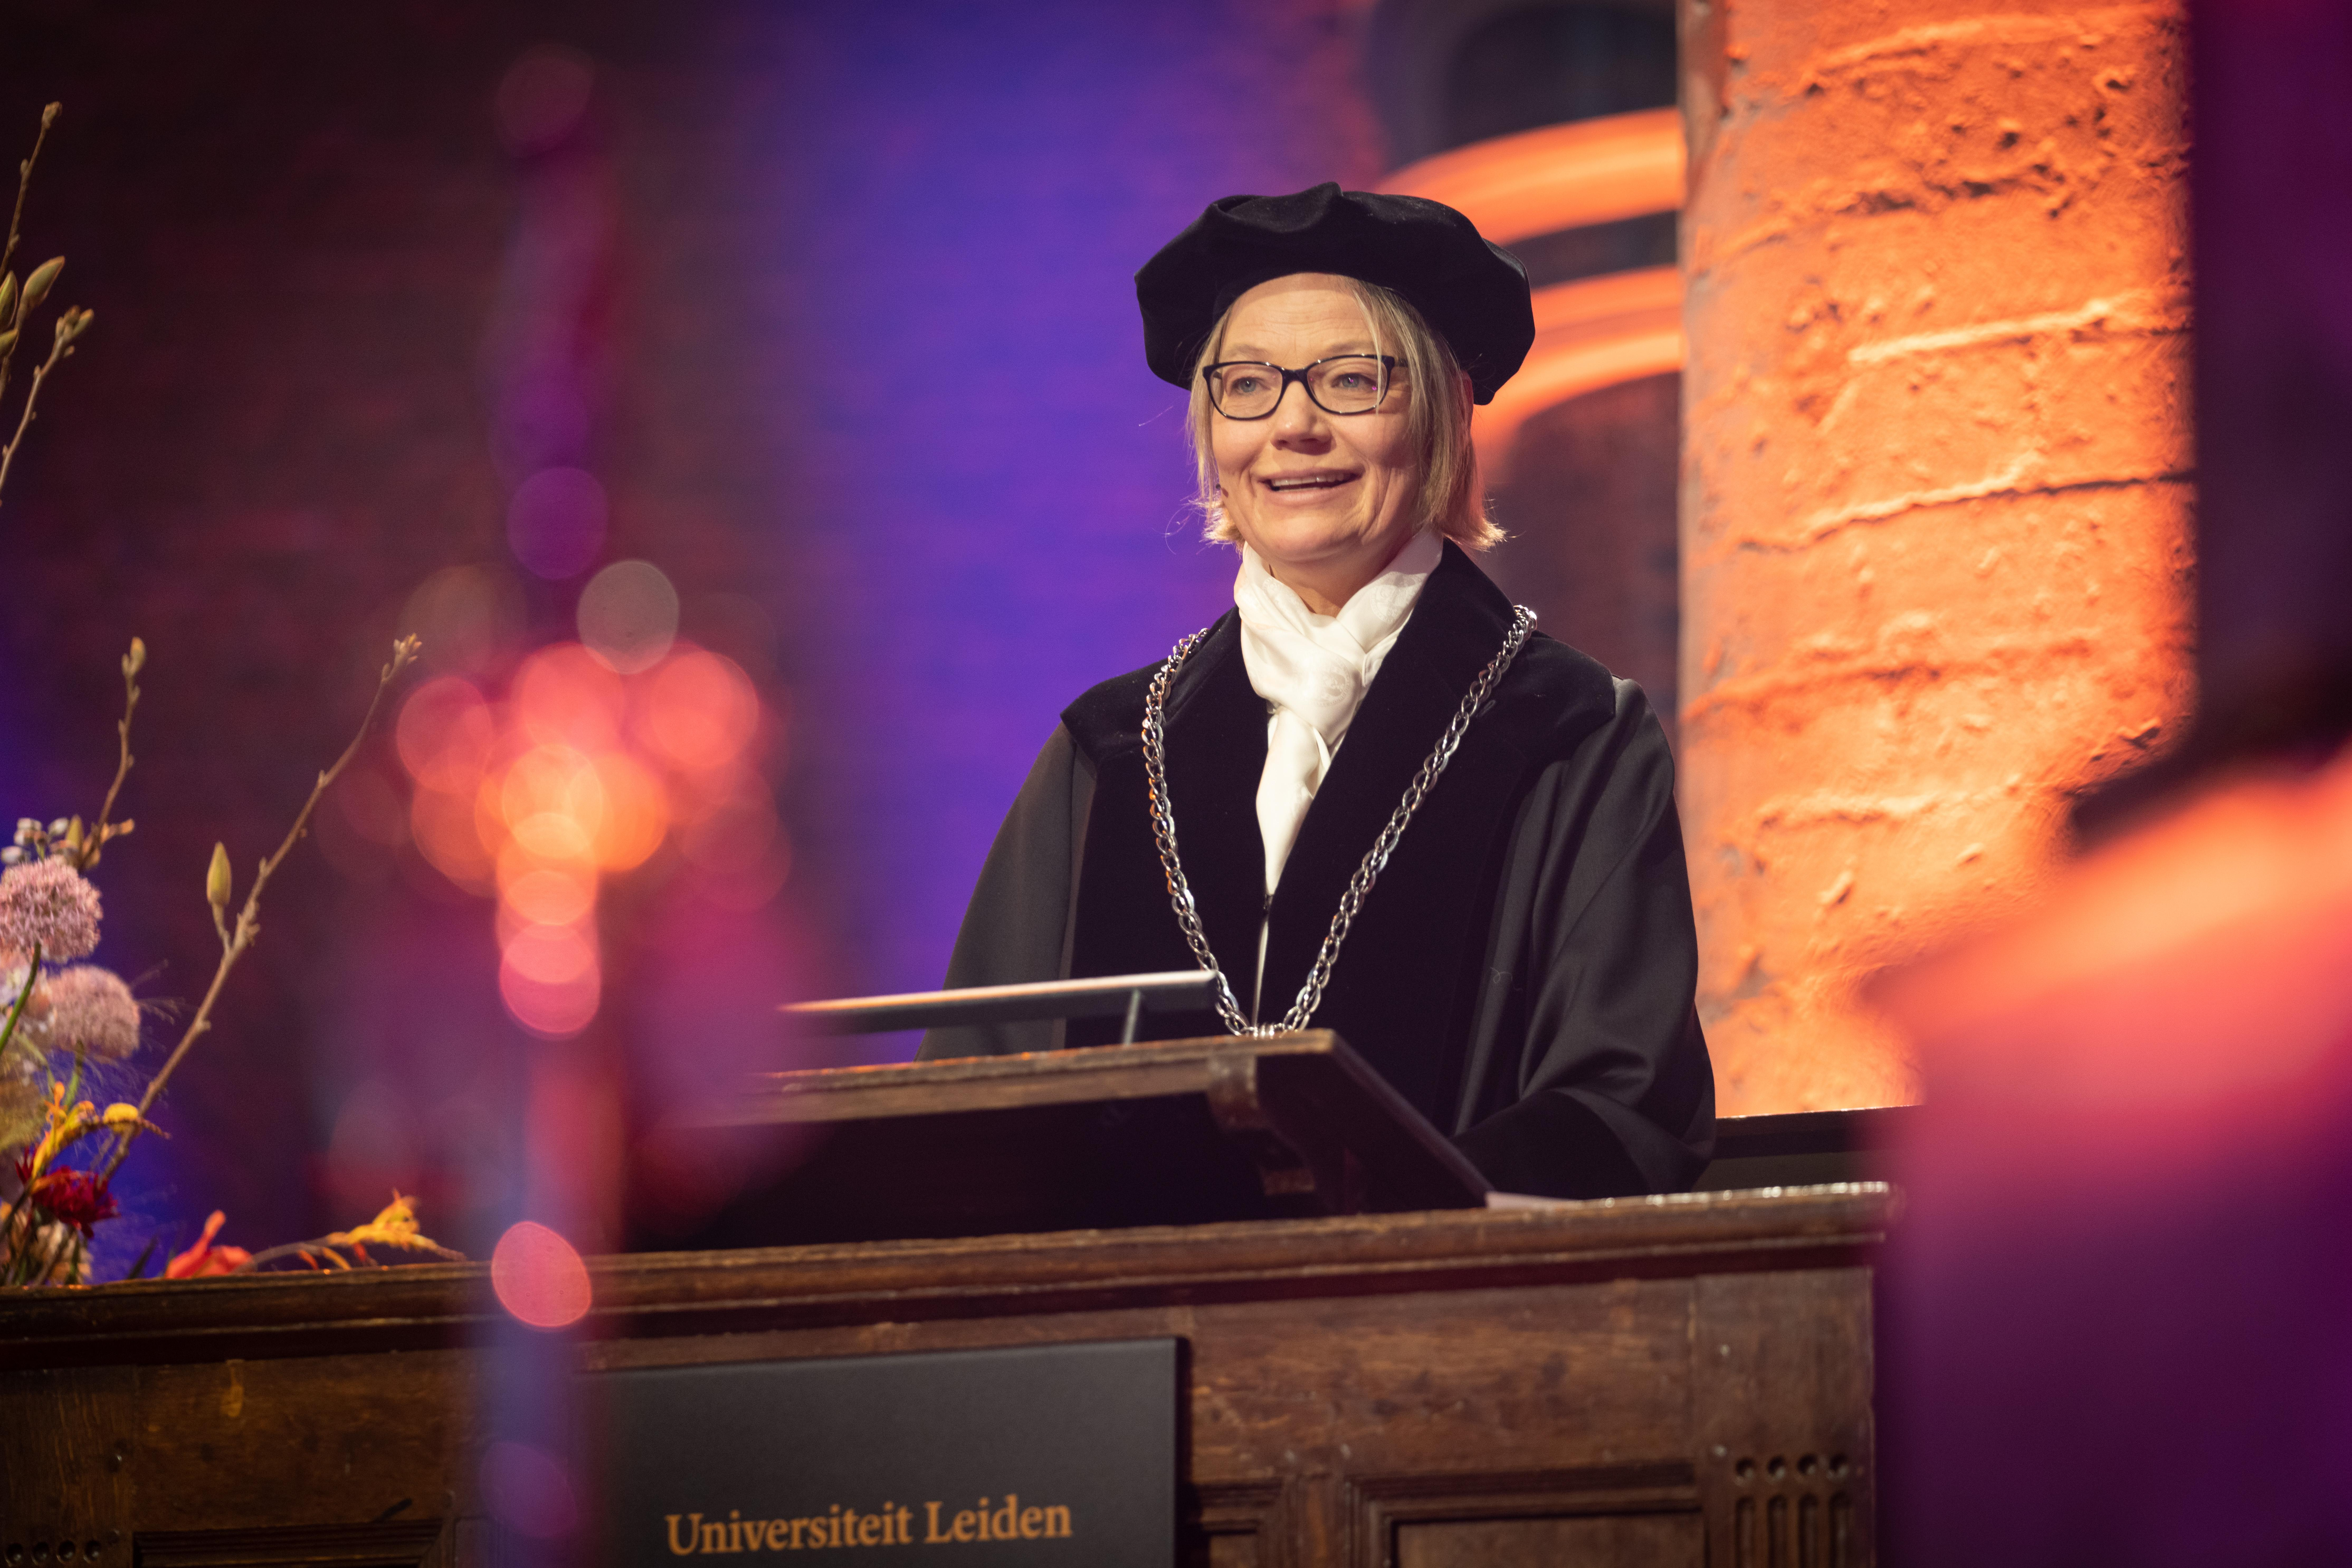 Laatste dies voor Carel Stolker - 'Vale, rector magnifice' klonk het in een lege Pieterskerk